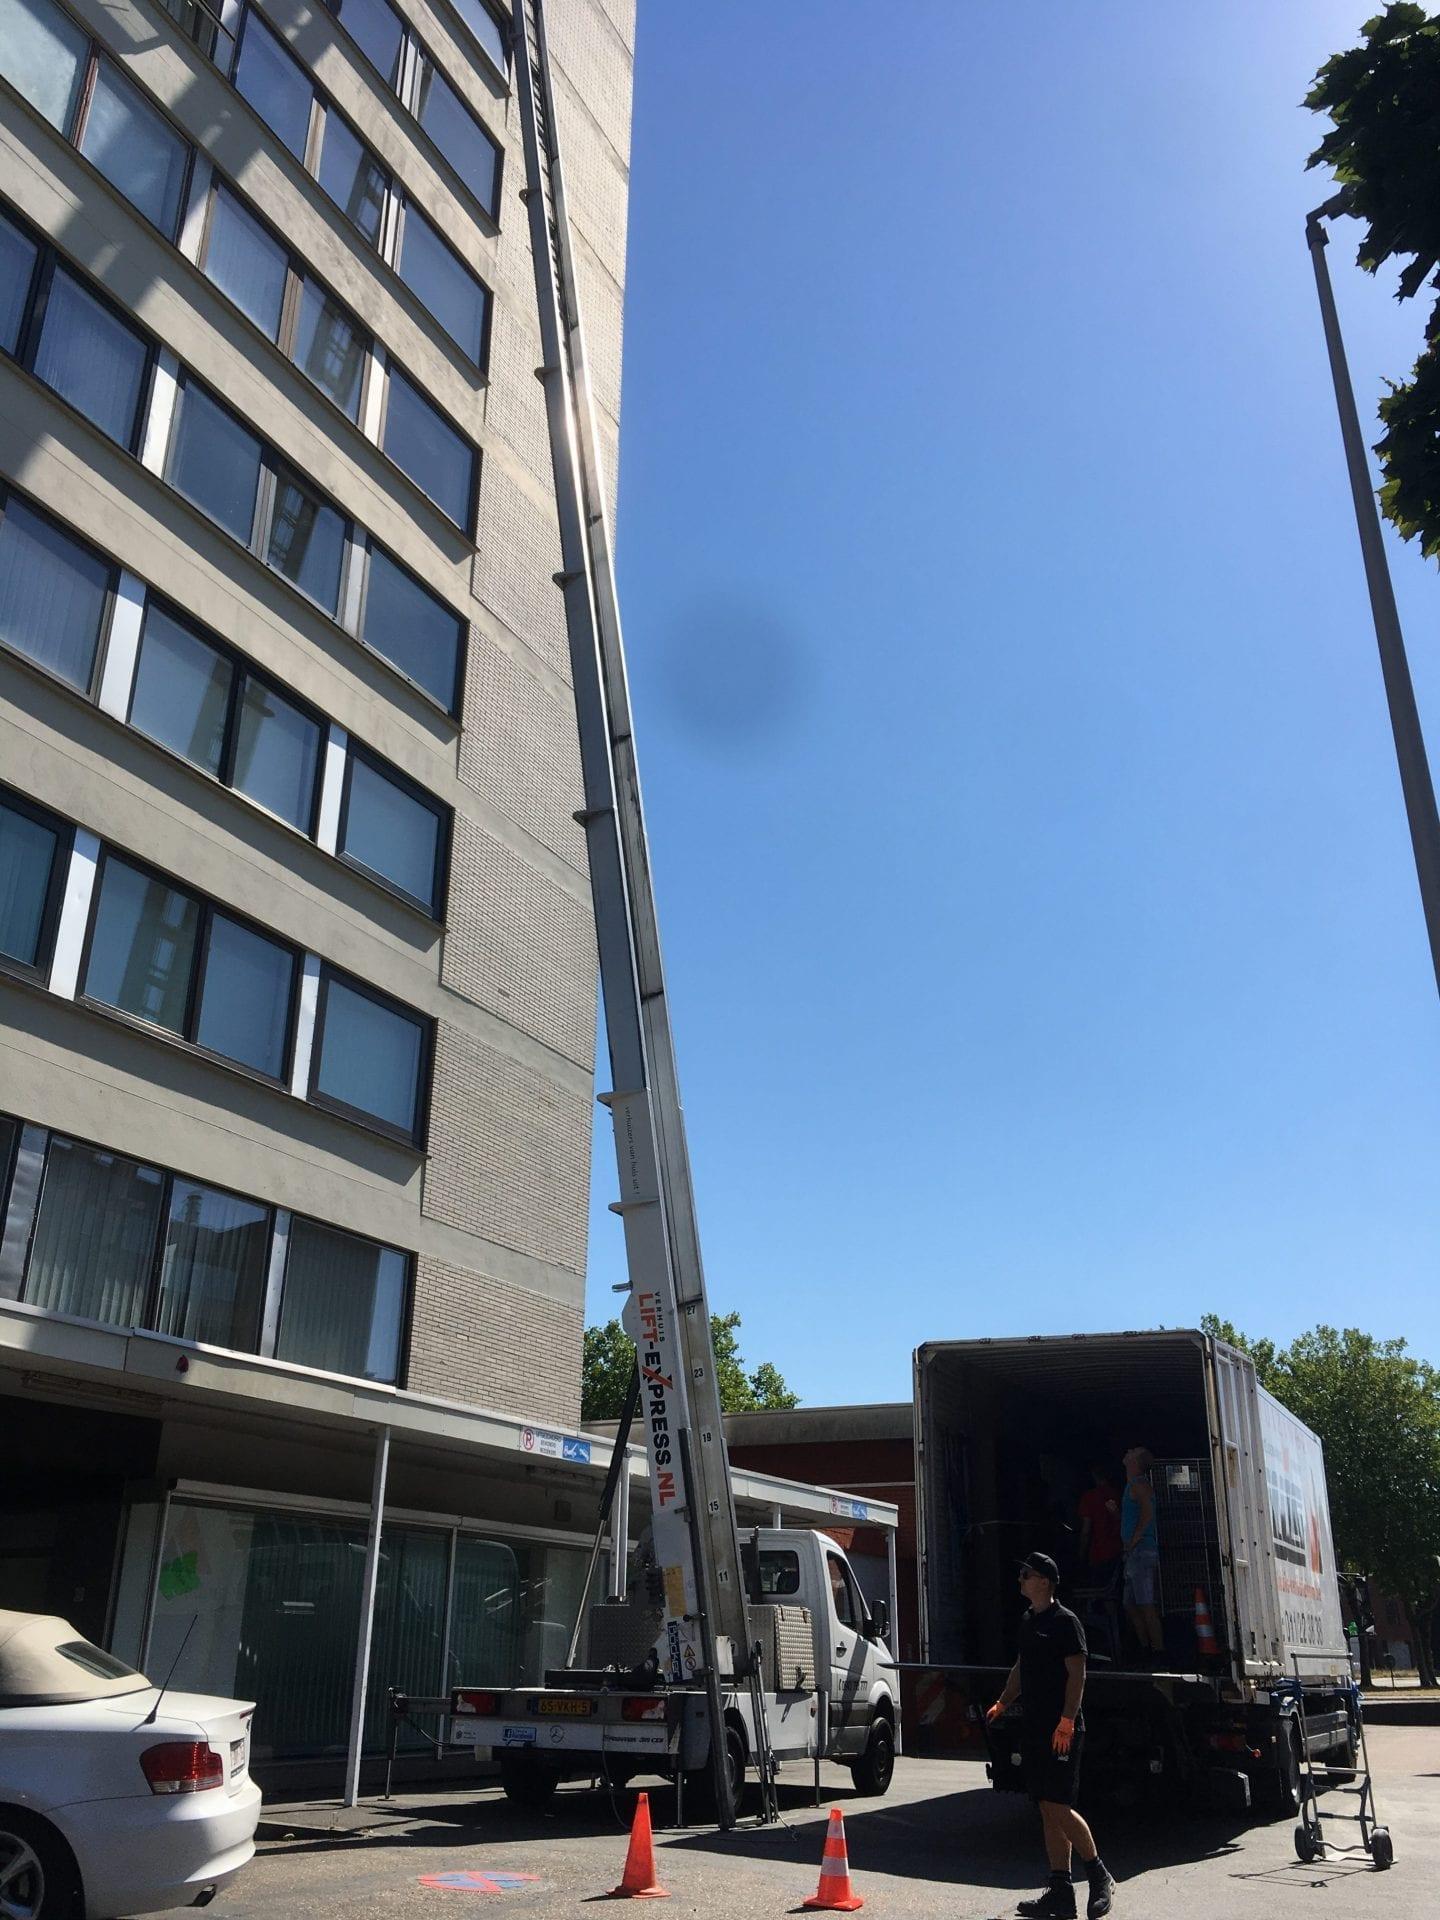 Moving lift Genk - Relocation Hoist Turnhout - Verhuislift huren Maasmechelen - Umzugsaufzug mieten Lanaken